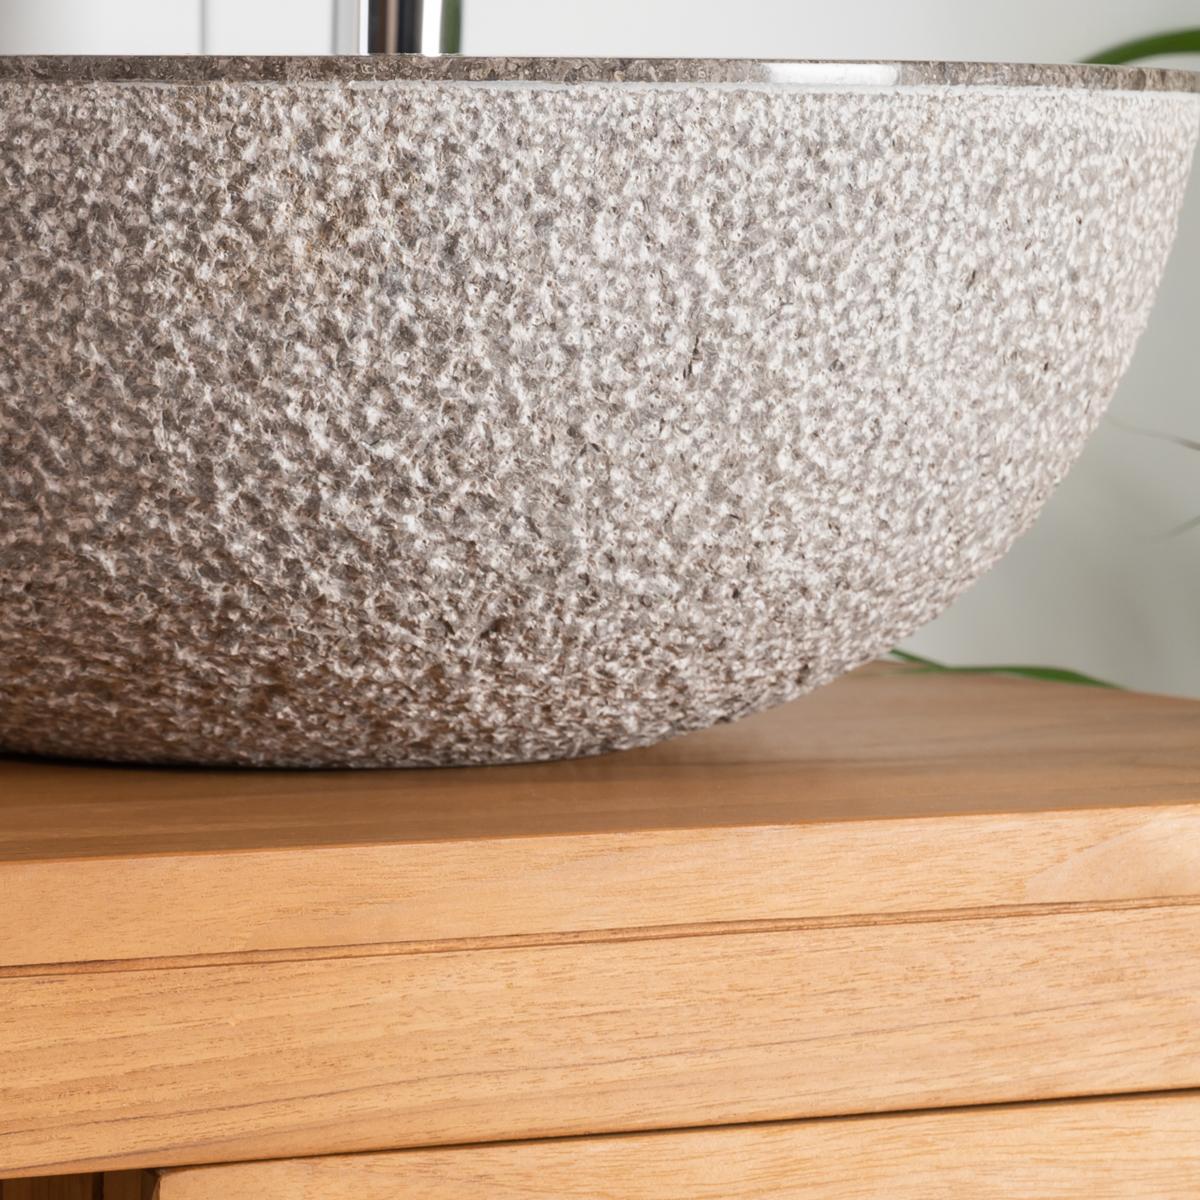 vasque poser en marbre stromboli ronde grise taupe. Black Bedroom Furniture Sets. Home Design Ideas